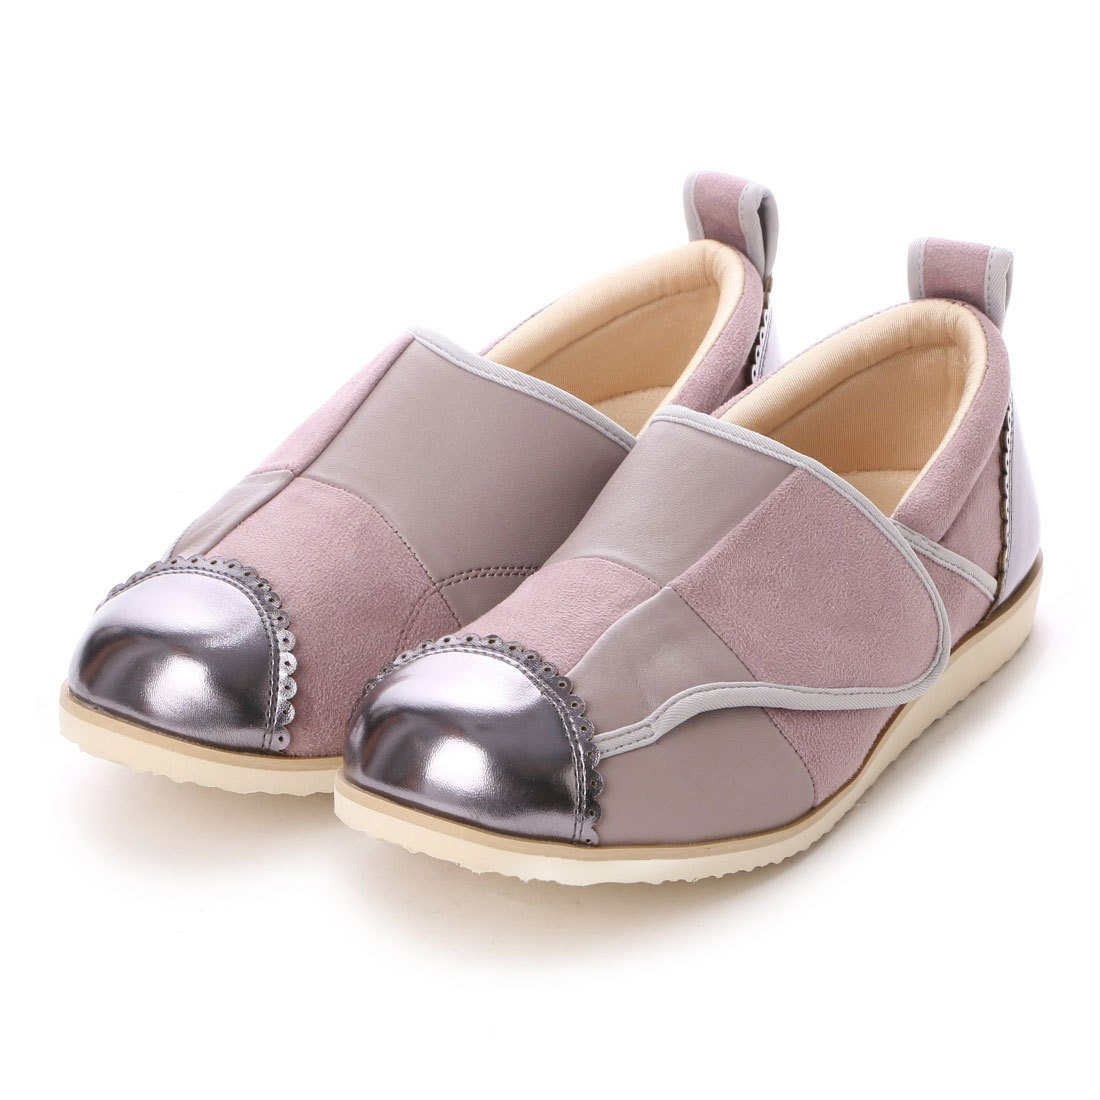 パネルデザインが足を立体的に包み込みます。(クラース)カノン 婦人靴 ウェルネスシューズ コンフォートシューズ B01NBVO0EP M(23cm~24cm)|ラベンダー ラベンダー M(23cm~24cm)